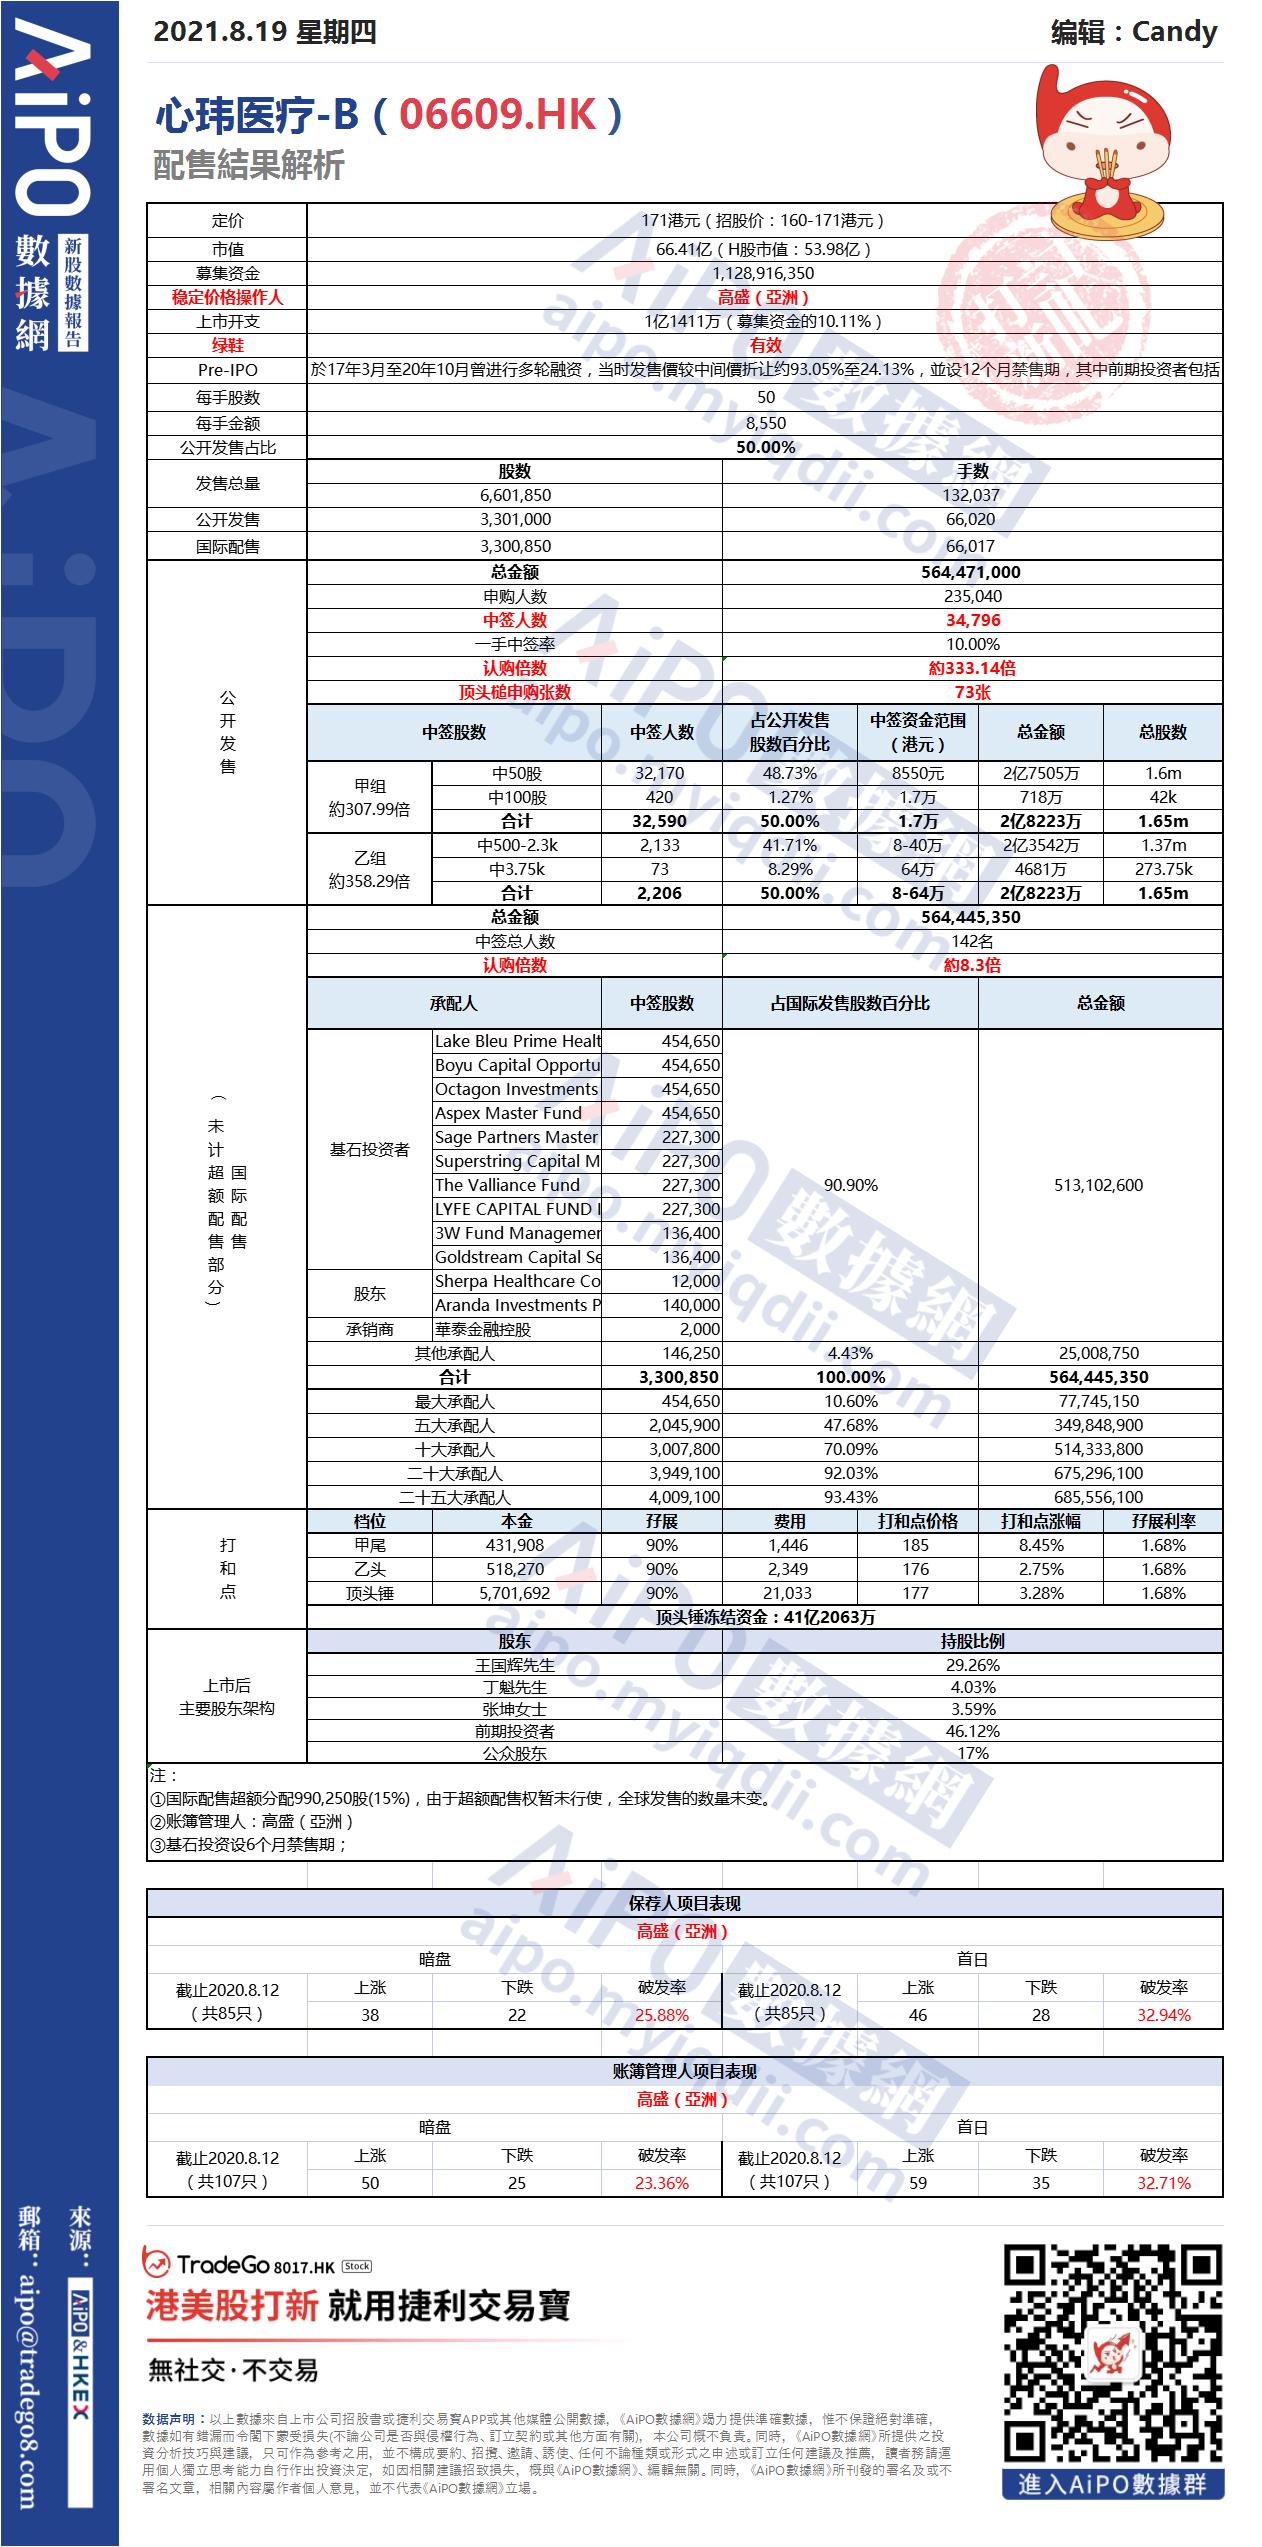 【新股AiPO】配售結果解析:心瑋醫療-B(06609.HK).png